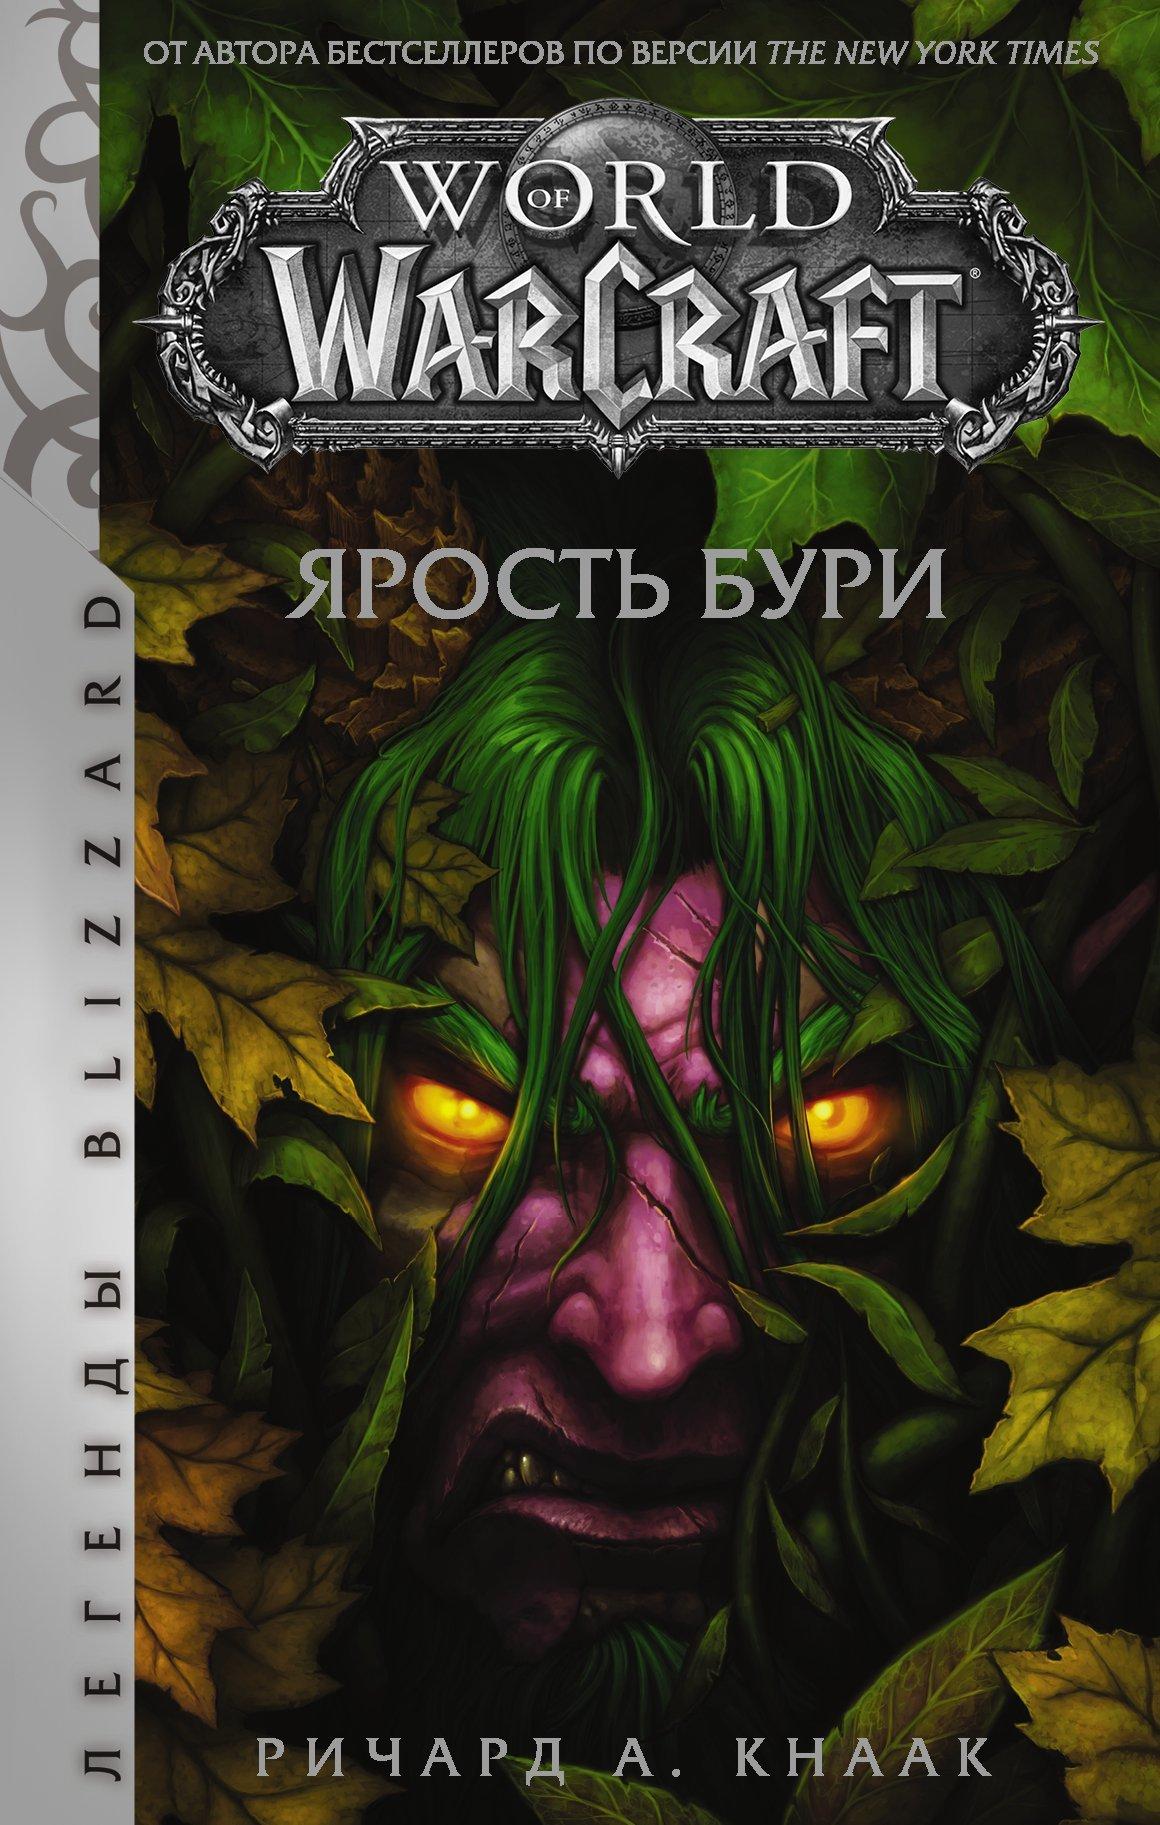 World of Warcraft. Ярость Бури